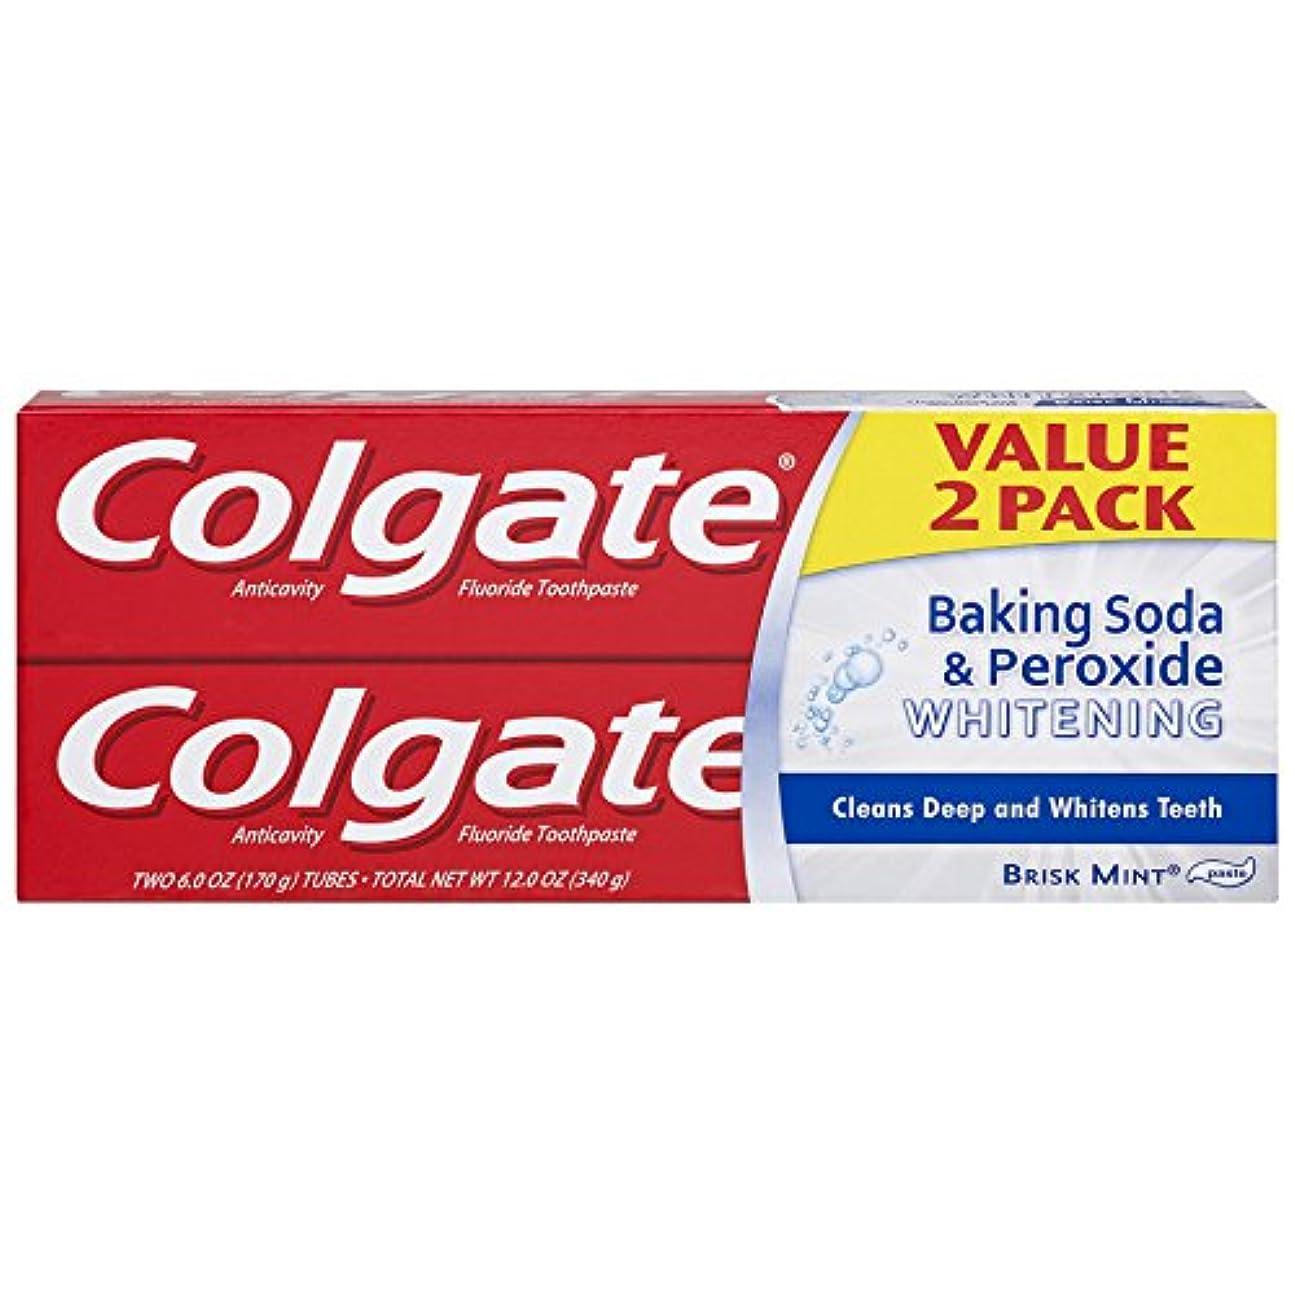 超えて煙アレンジColgate 重曹と過酸化物ホワイトニング歯磨き - 6オンス(2カウント)